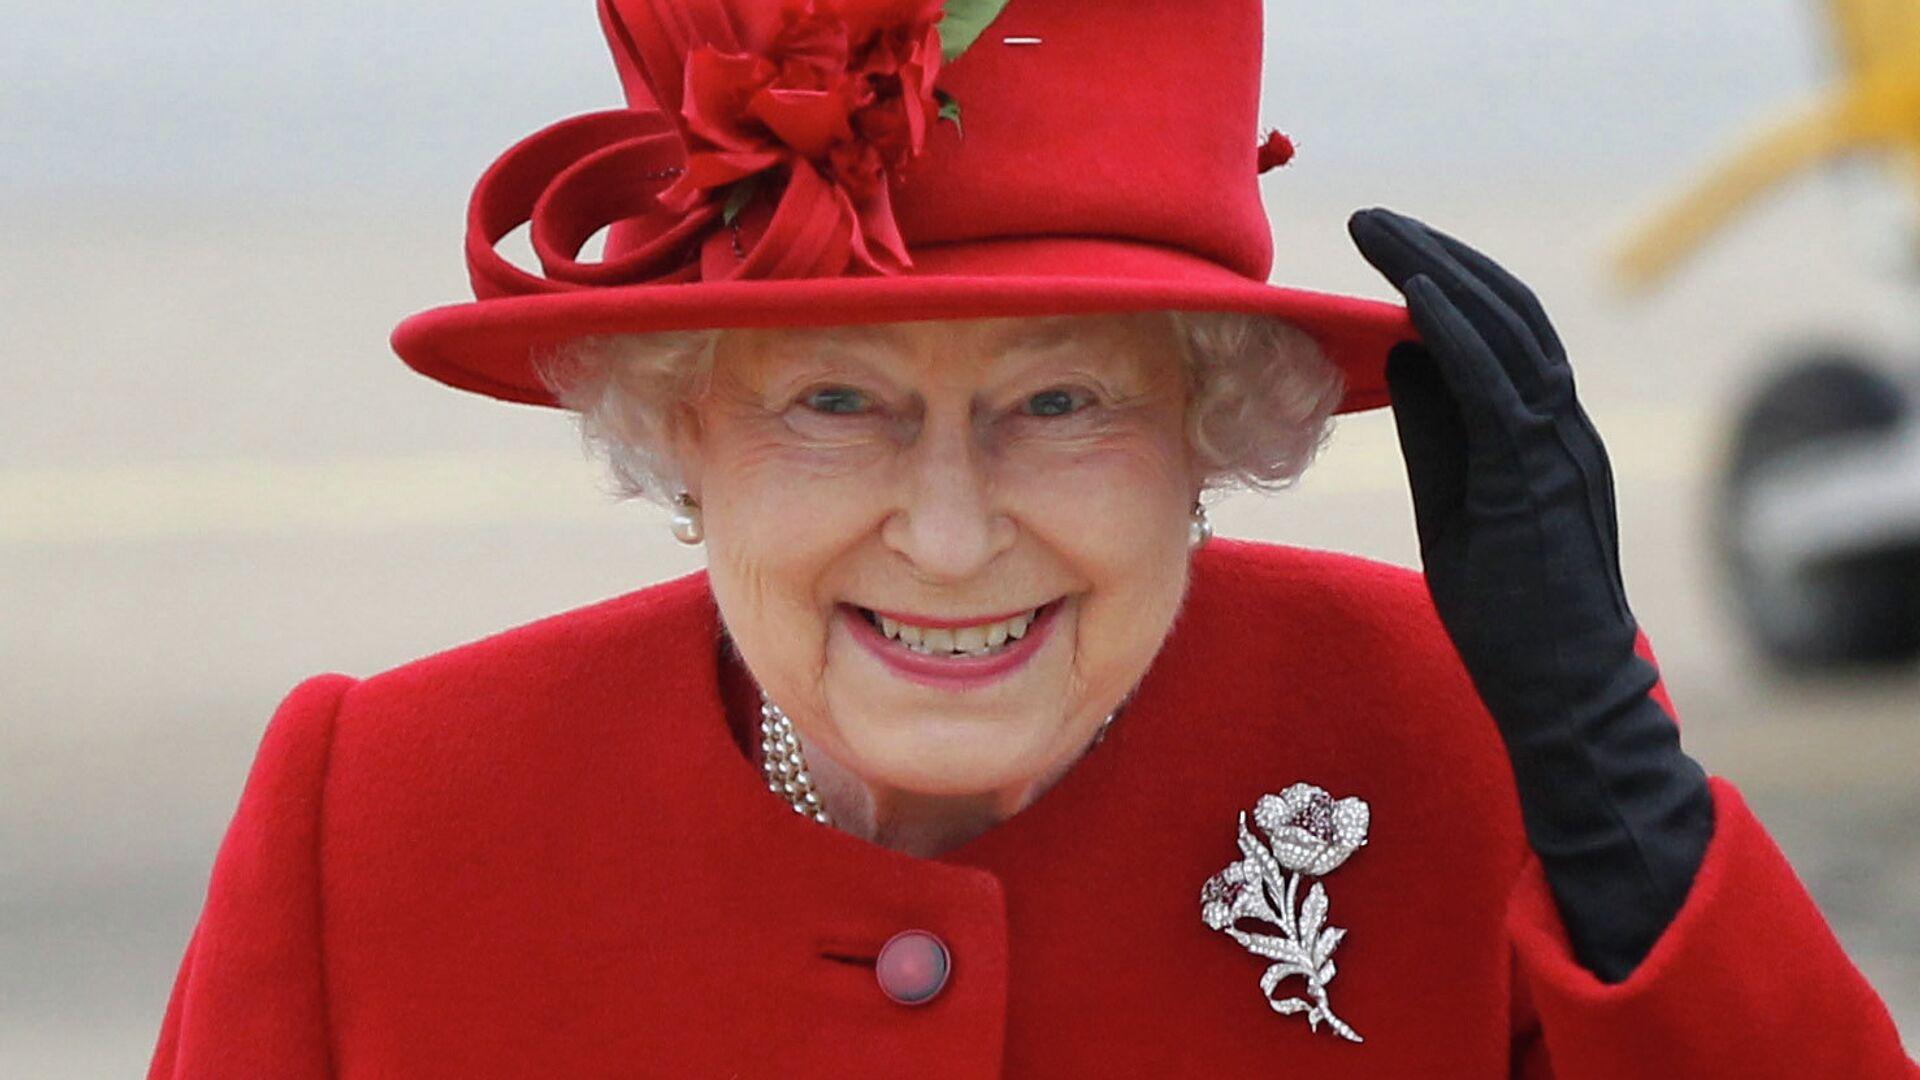 Королева Великобритании Елизавета II - РИА Новости, 1920, 02.08.2020